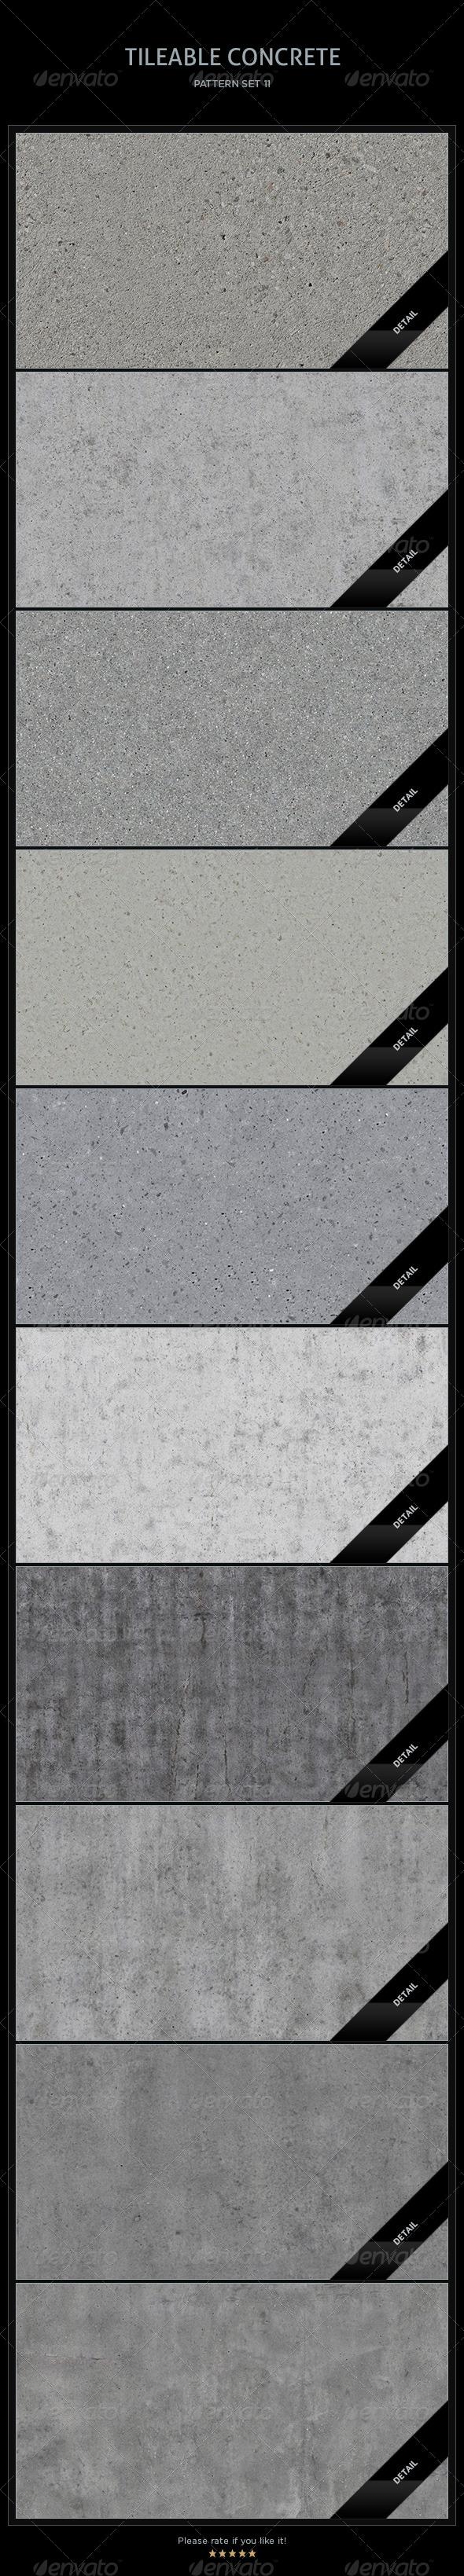 GraphicRiver 10 Tileable Concrete Textures Patterns 4491456